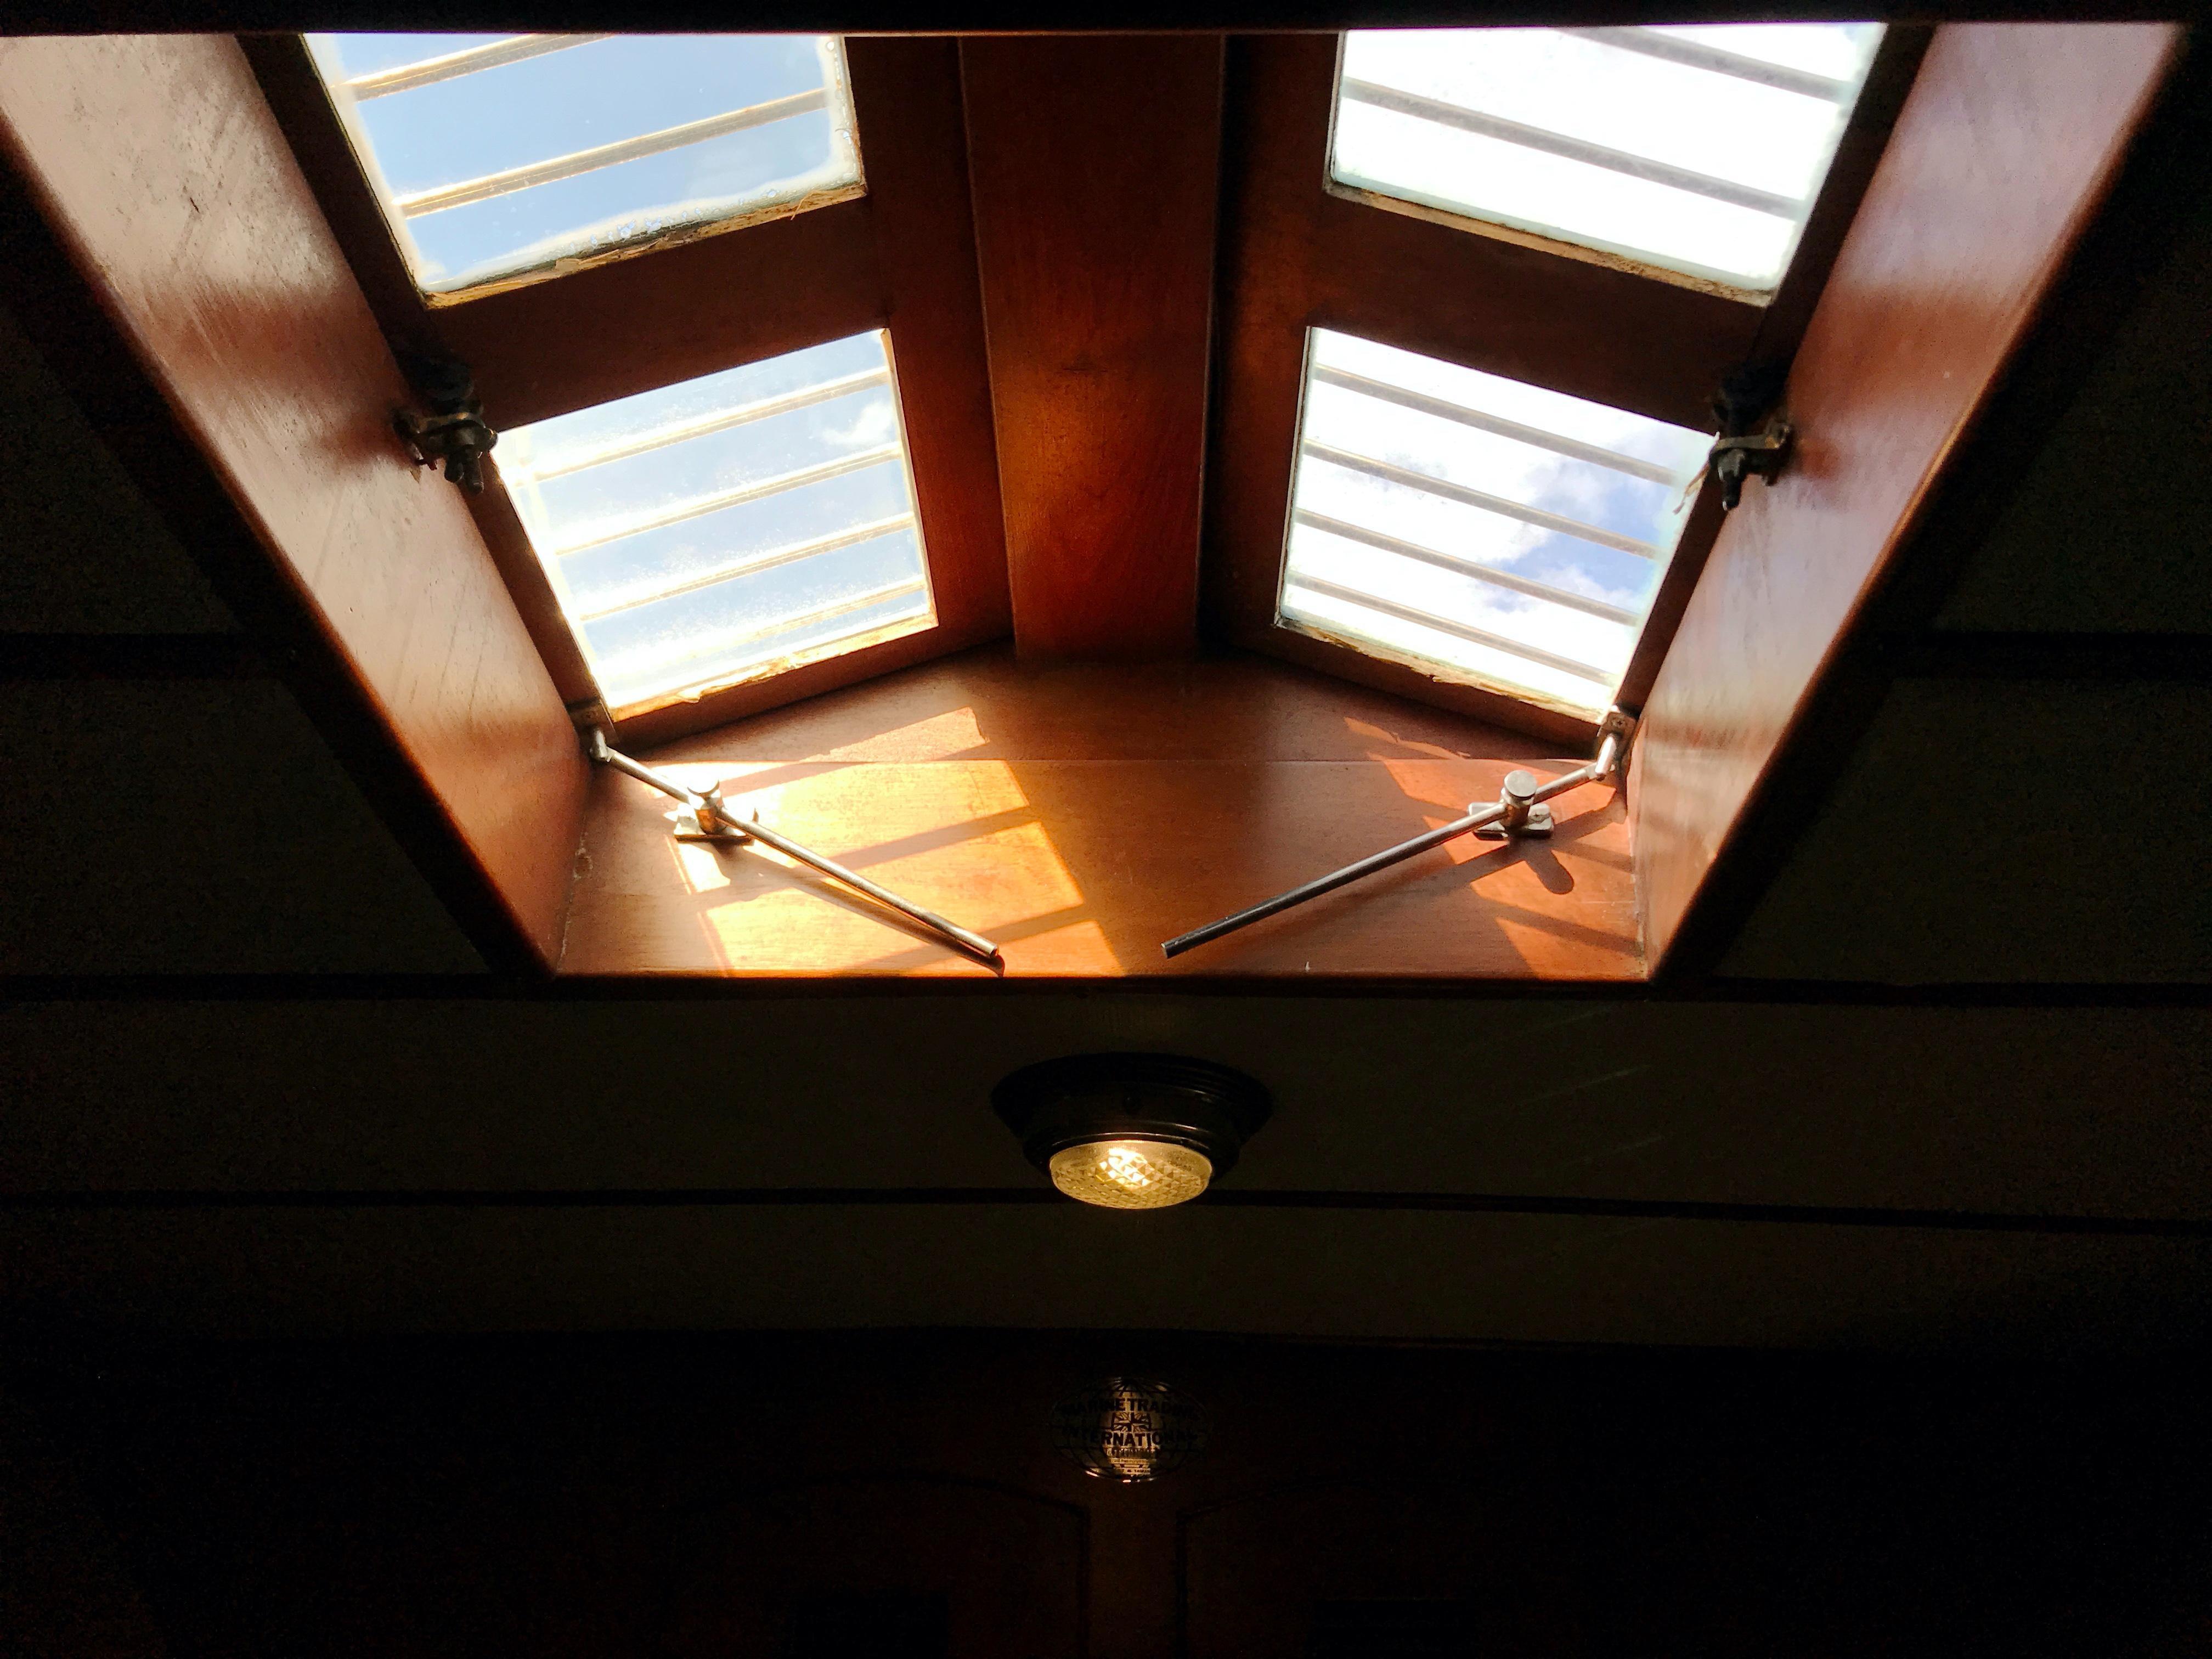 Marine Trader 50 Motoryacht - v-berth skylight hatch